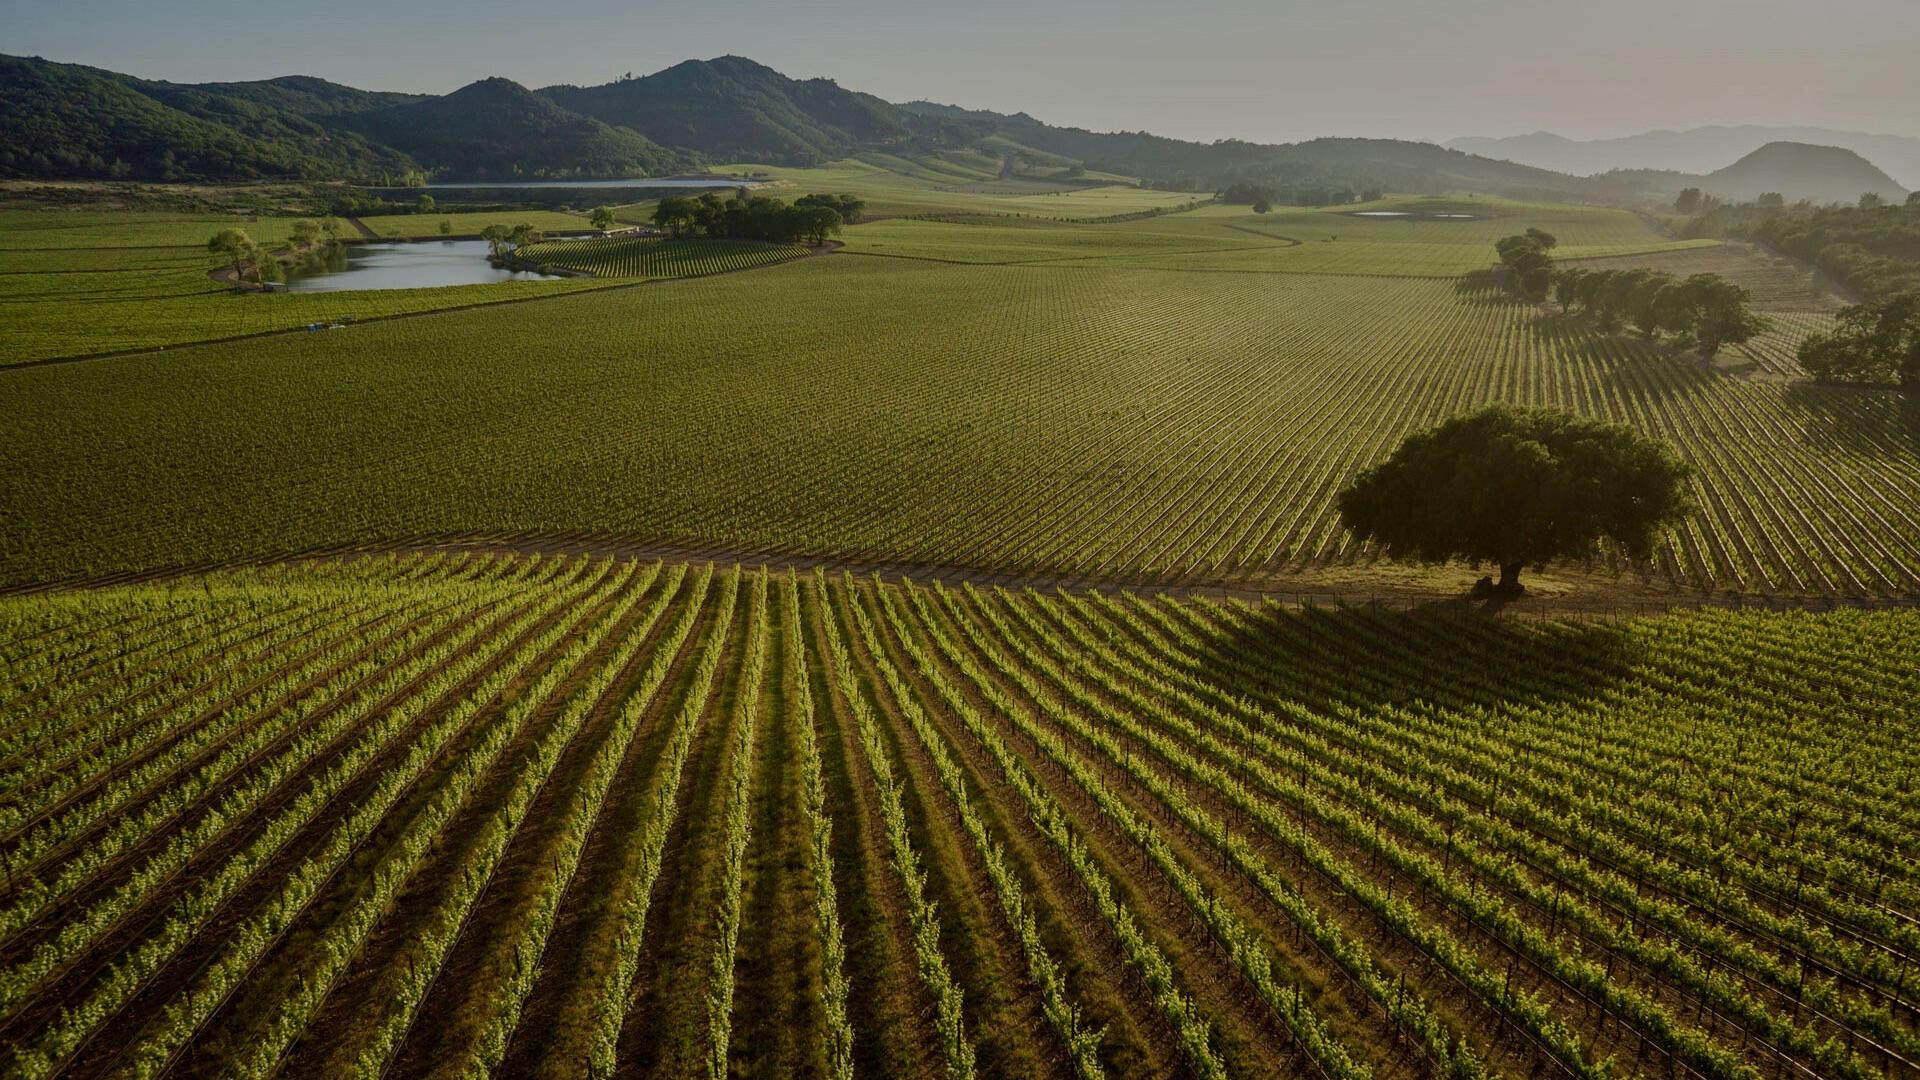 Antica Napa Valley - Antinori Family Wine Estate Cover Image